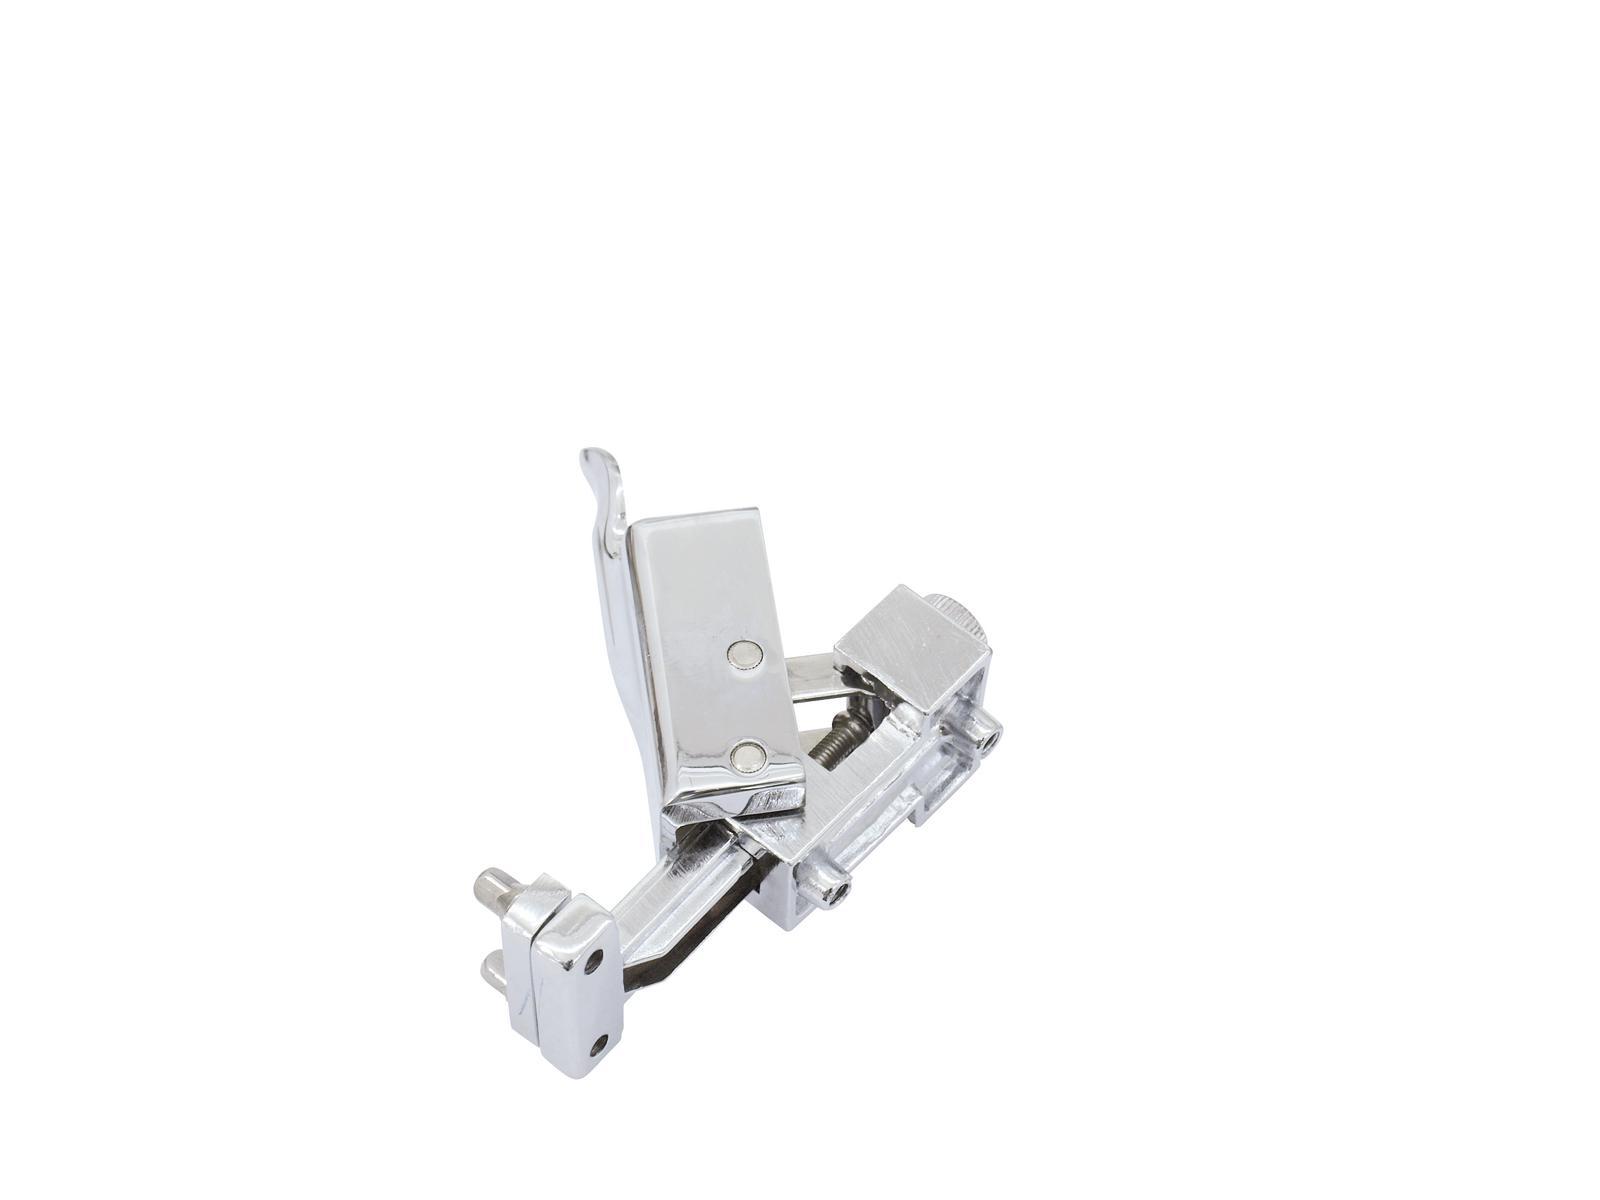 Filtro per rullante batteria acustica, cromato DIMAVERY DSA-10